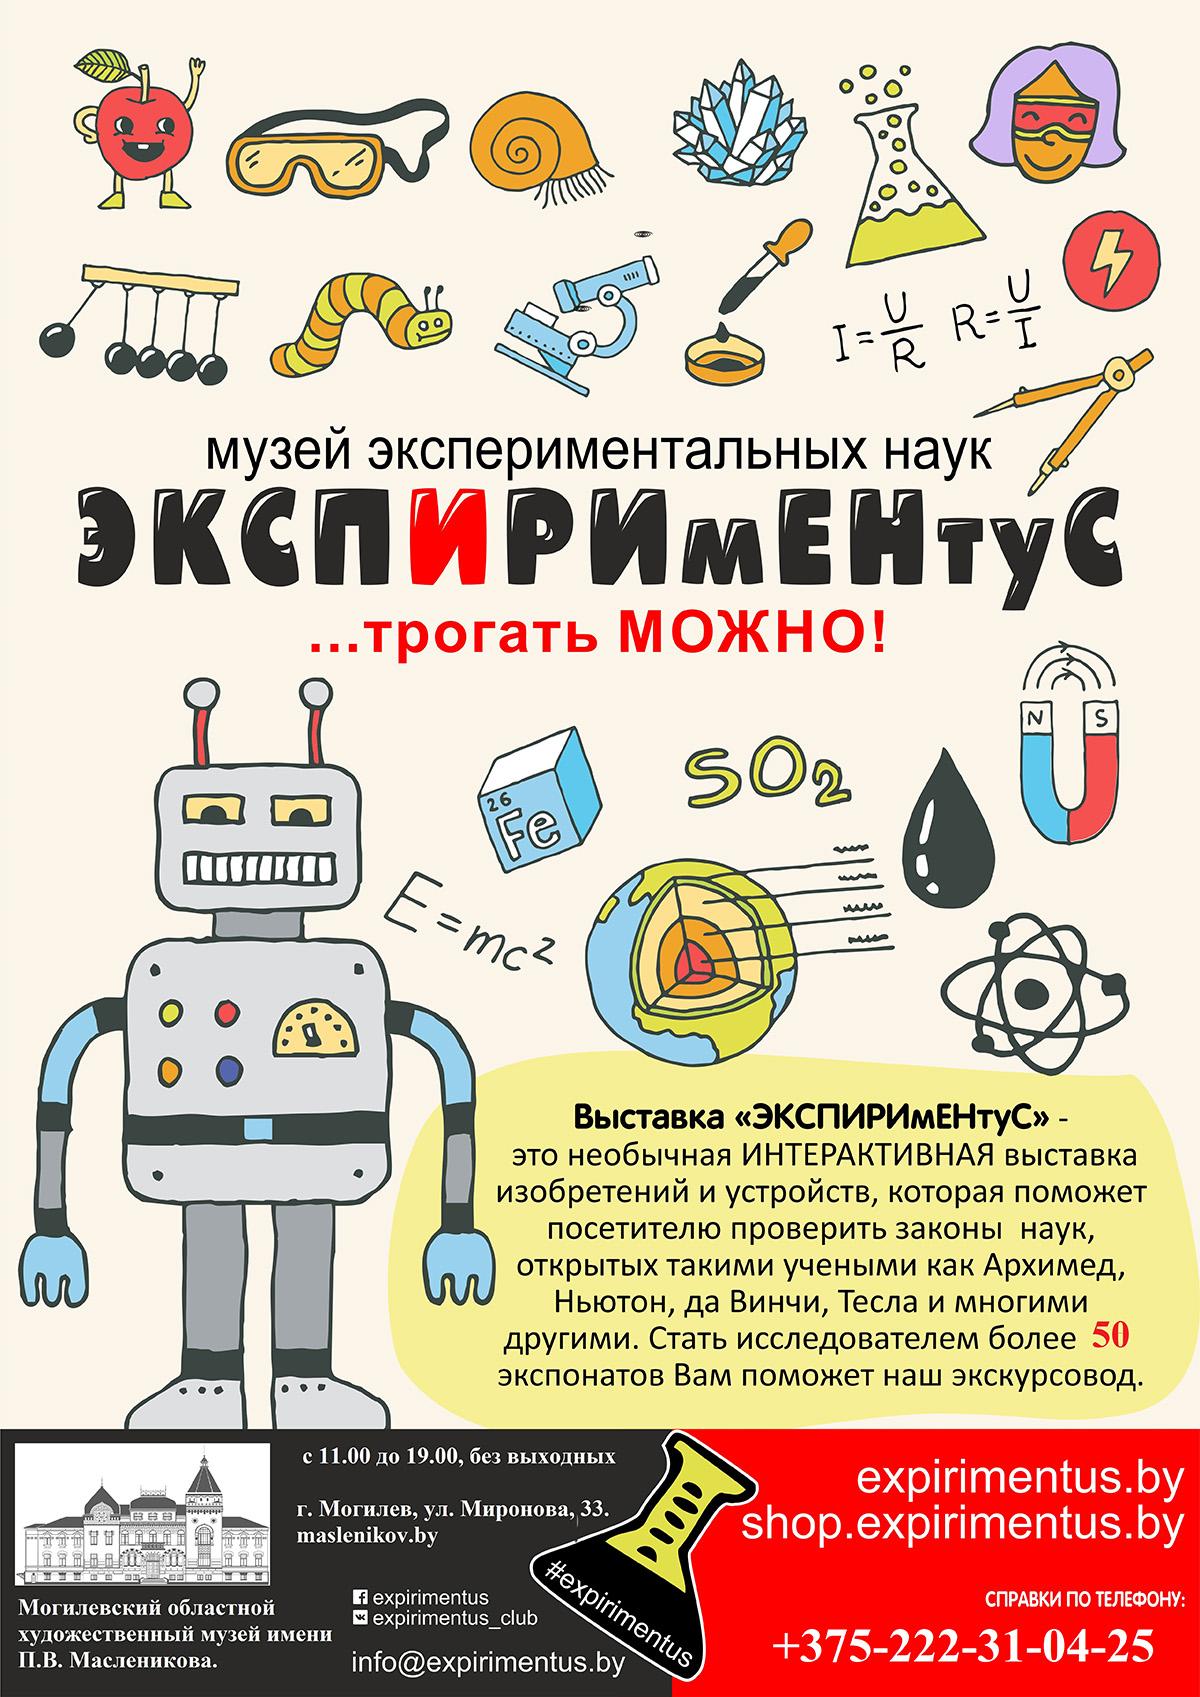 ВМогилевском музееим. П.В. Масленикова начинает работу выставка «ЭКСПИРИмЕНтуС»